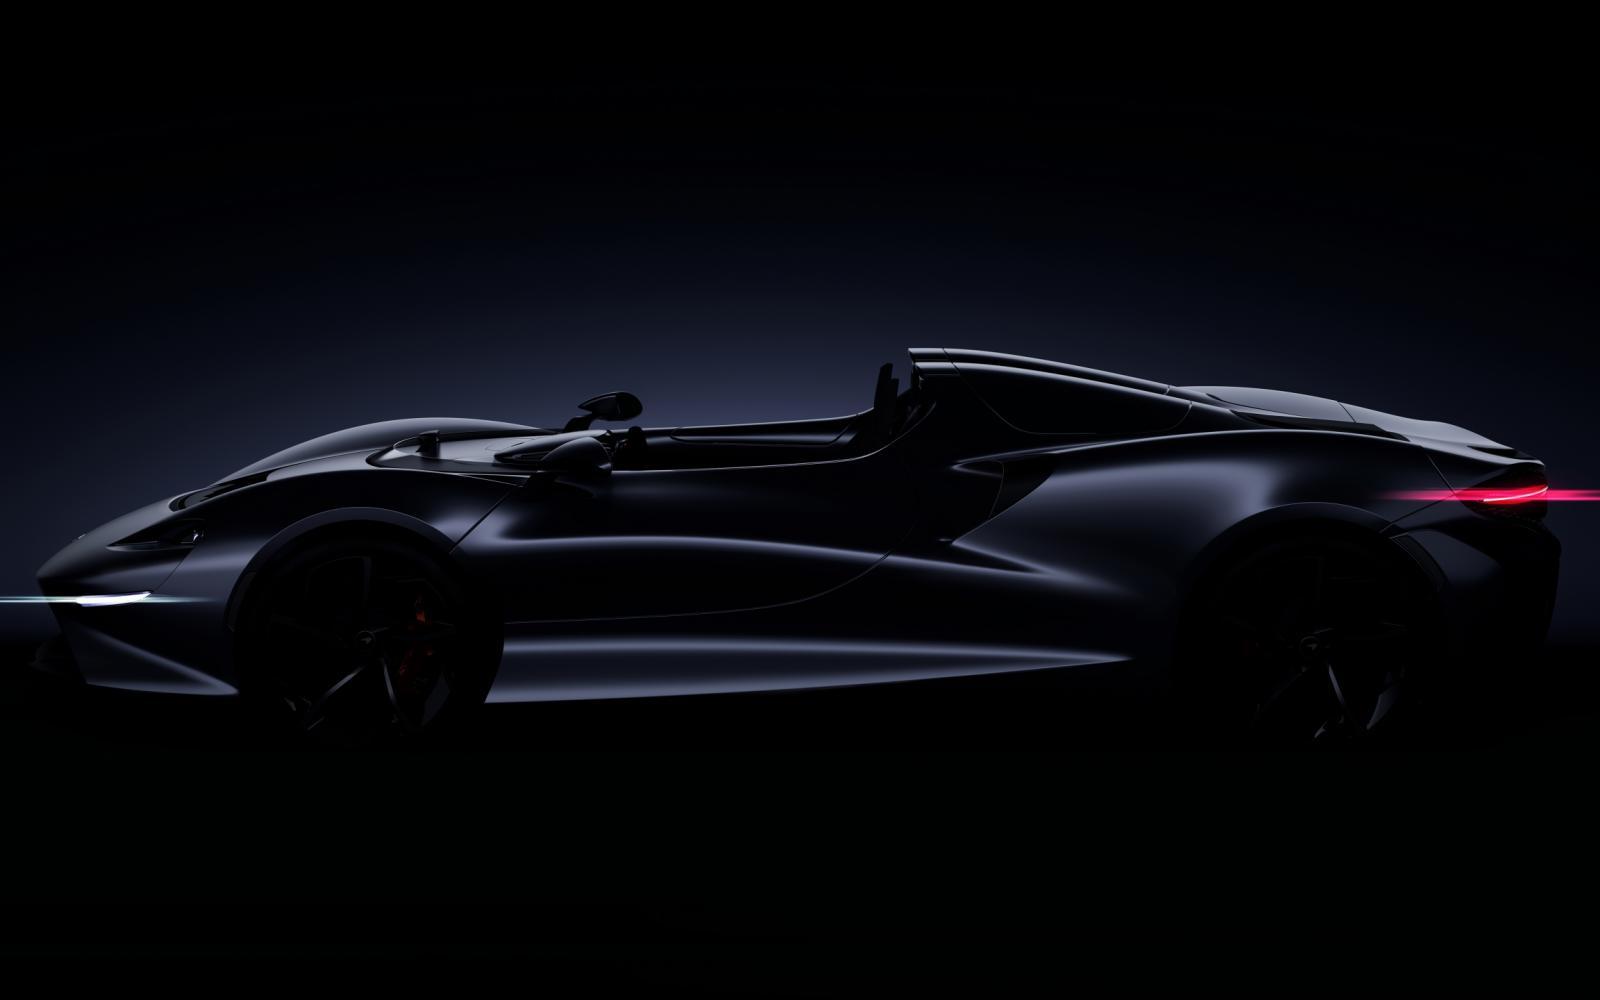 Nieuw model van McLaren gaat Ferrari Monza SP2 achterna